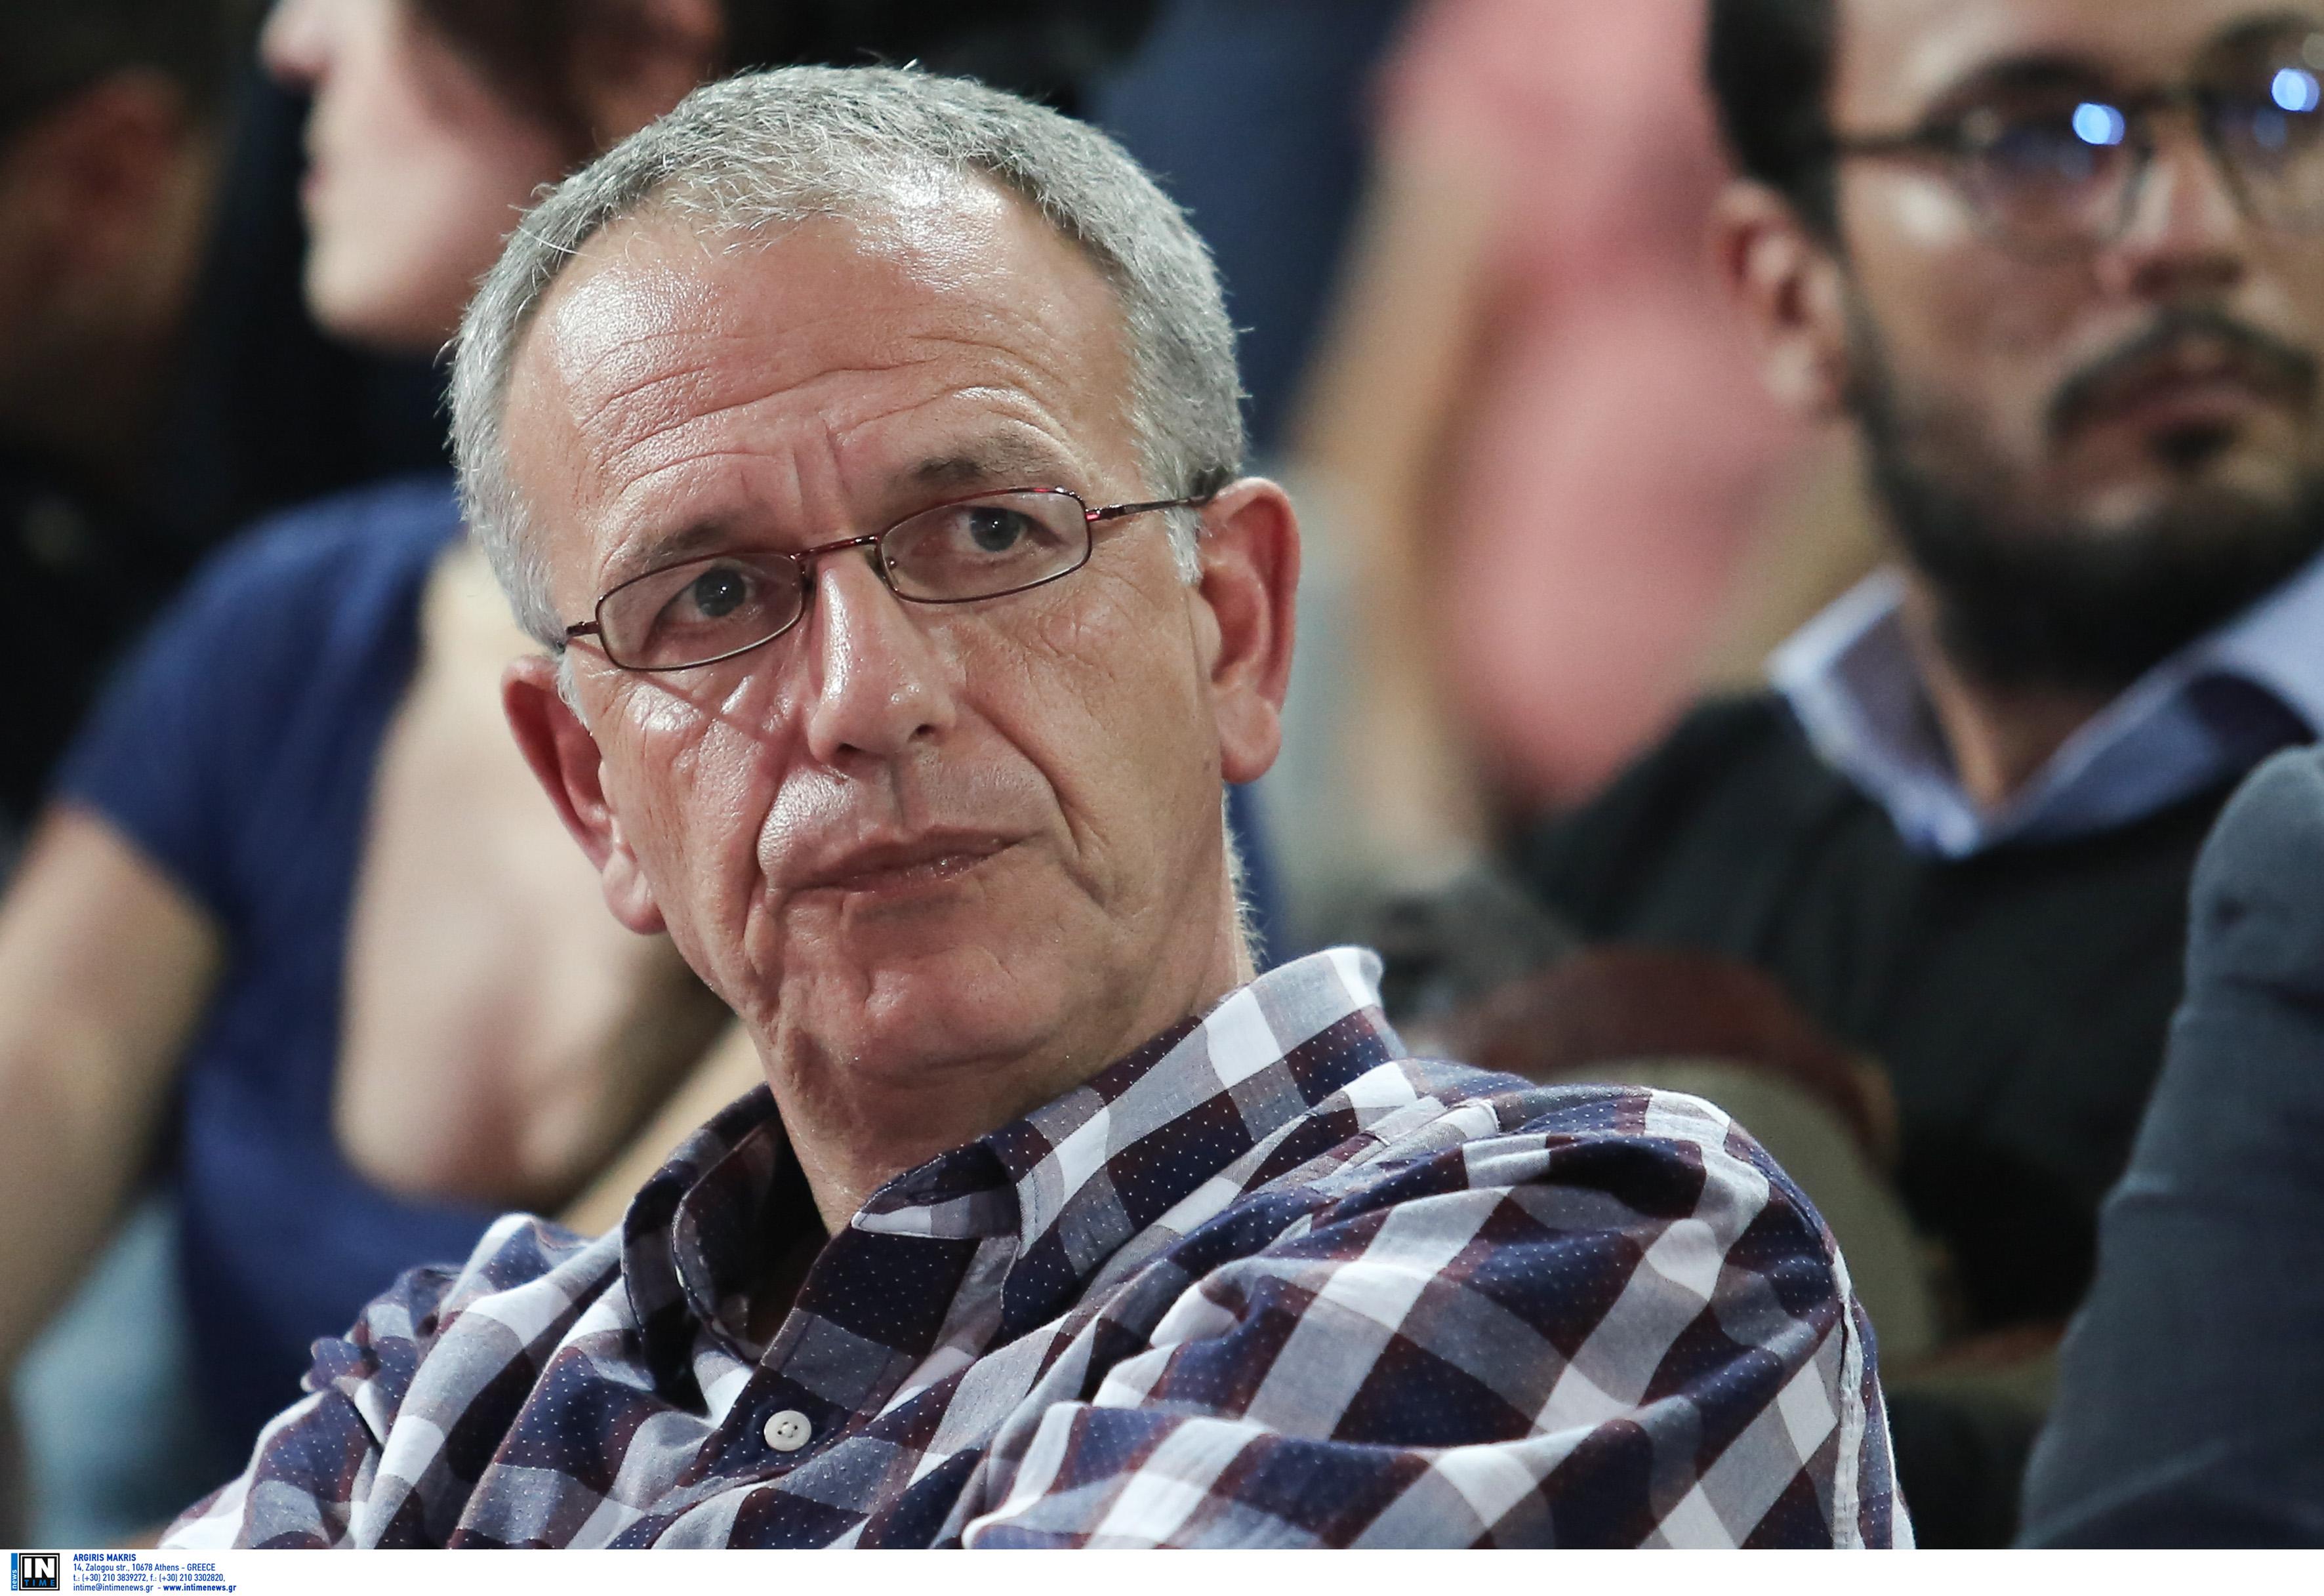 Π.Ρήγας: Η σκληρή στάση για μέτρα δείχνει υπονόμευση της κυβέρνησης   tovima.gr